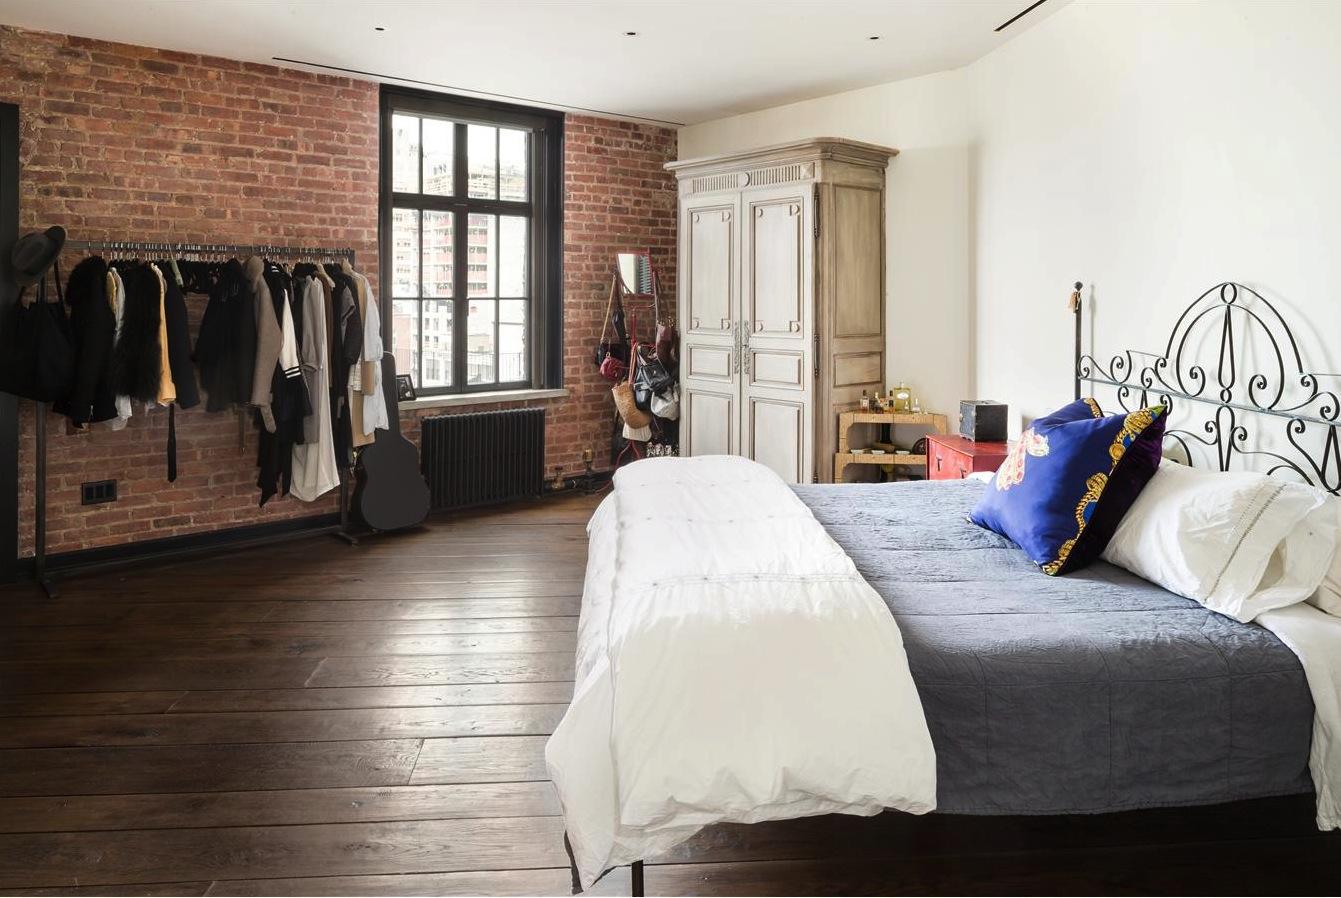 Apartament_Kirsten_Dunsts_soho_1